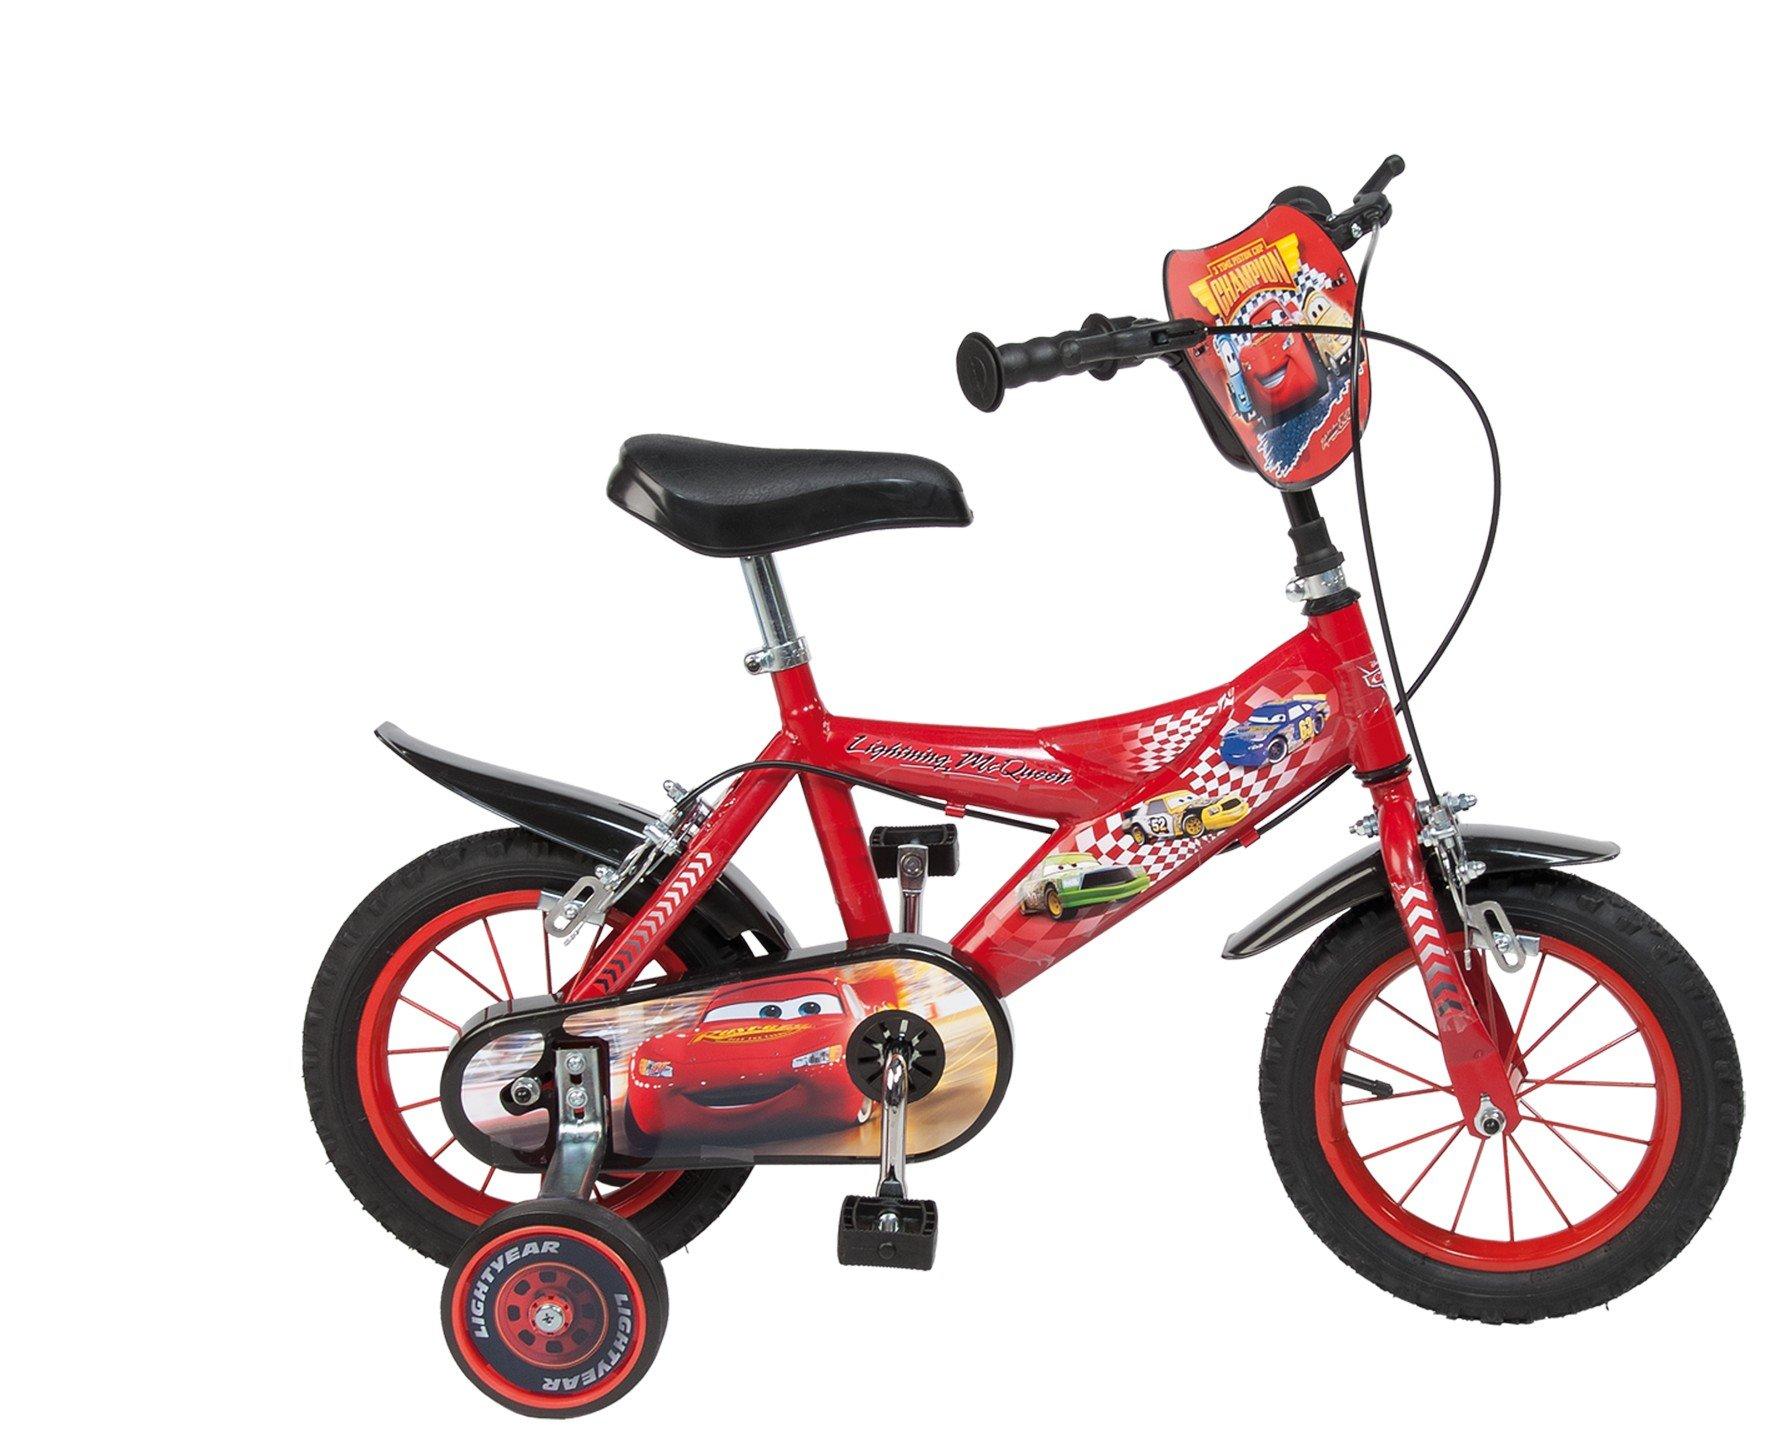 Toimsa - 732 - Bicicletta per bambini Cars 12, 3 - 5 anni